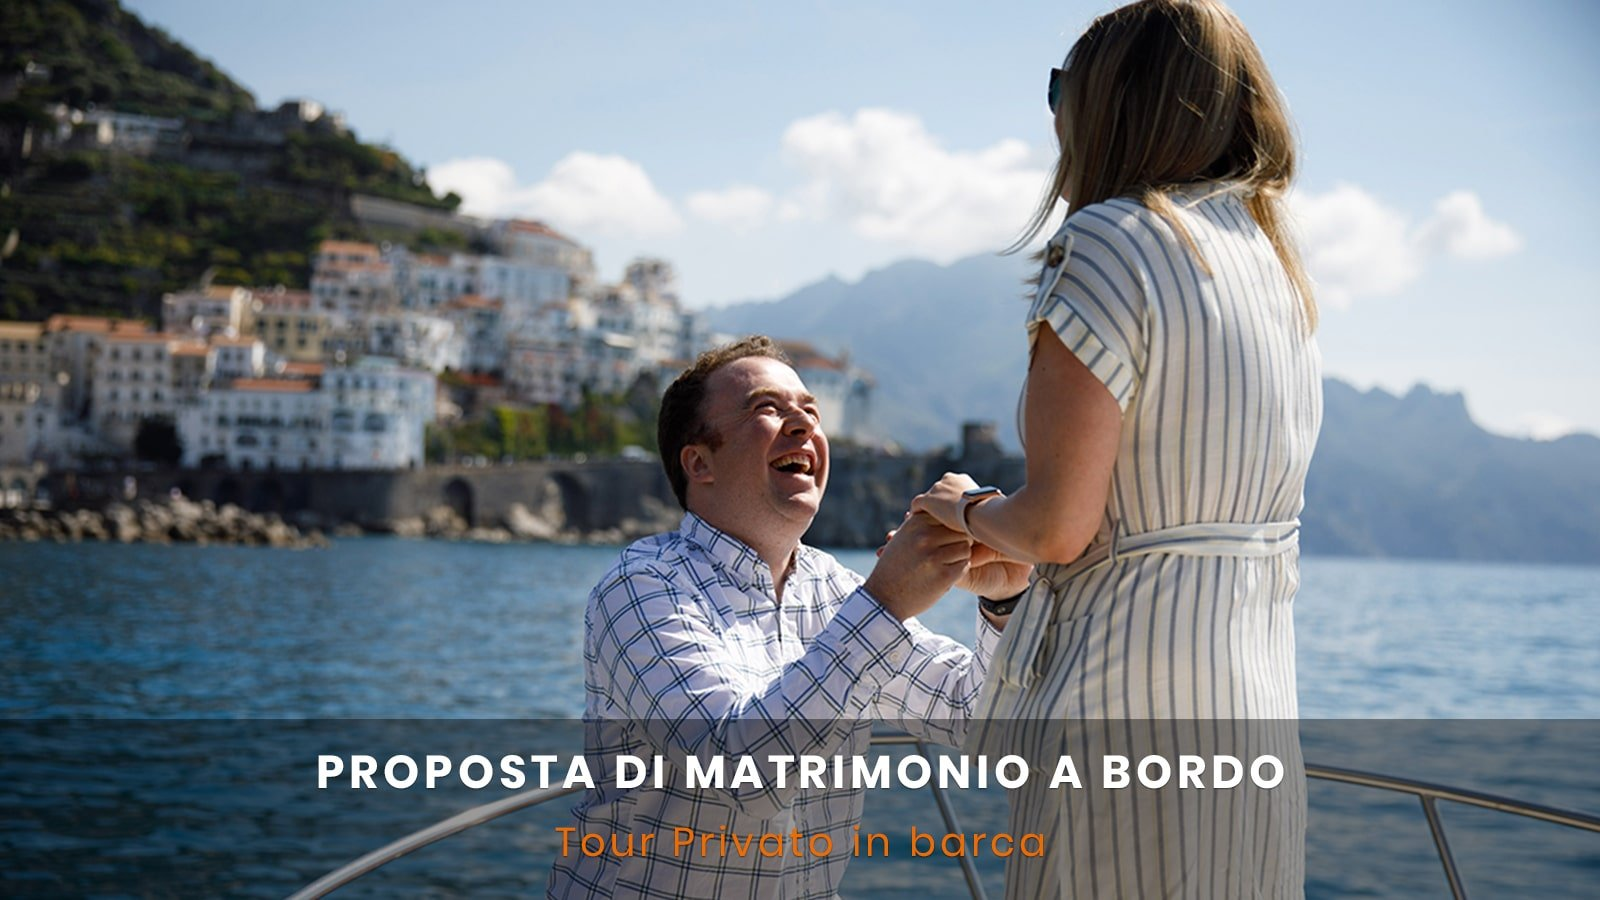 Proposta di matrimonio in barca